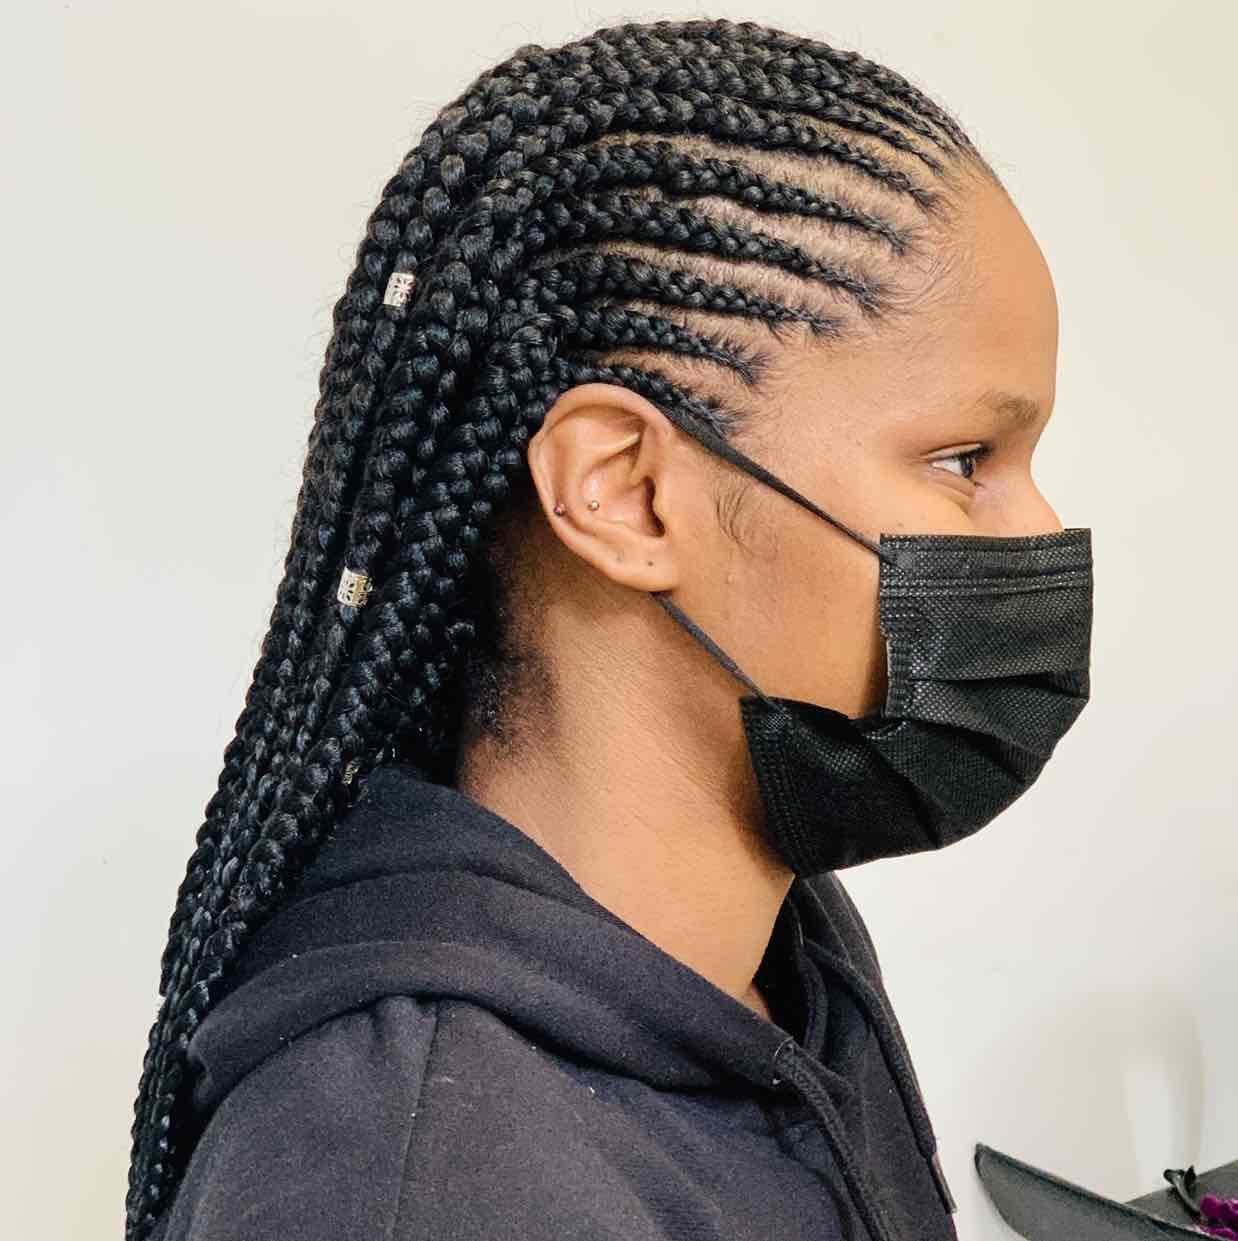 salon de coiffure afro tresse tresses box braids crochet braids vanilles tissages paris 75 77 78 91 92 93 94 95 ZGZBQHKC